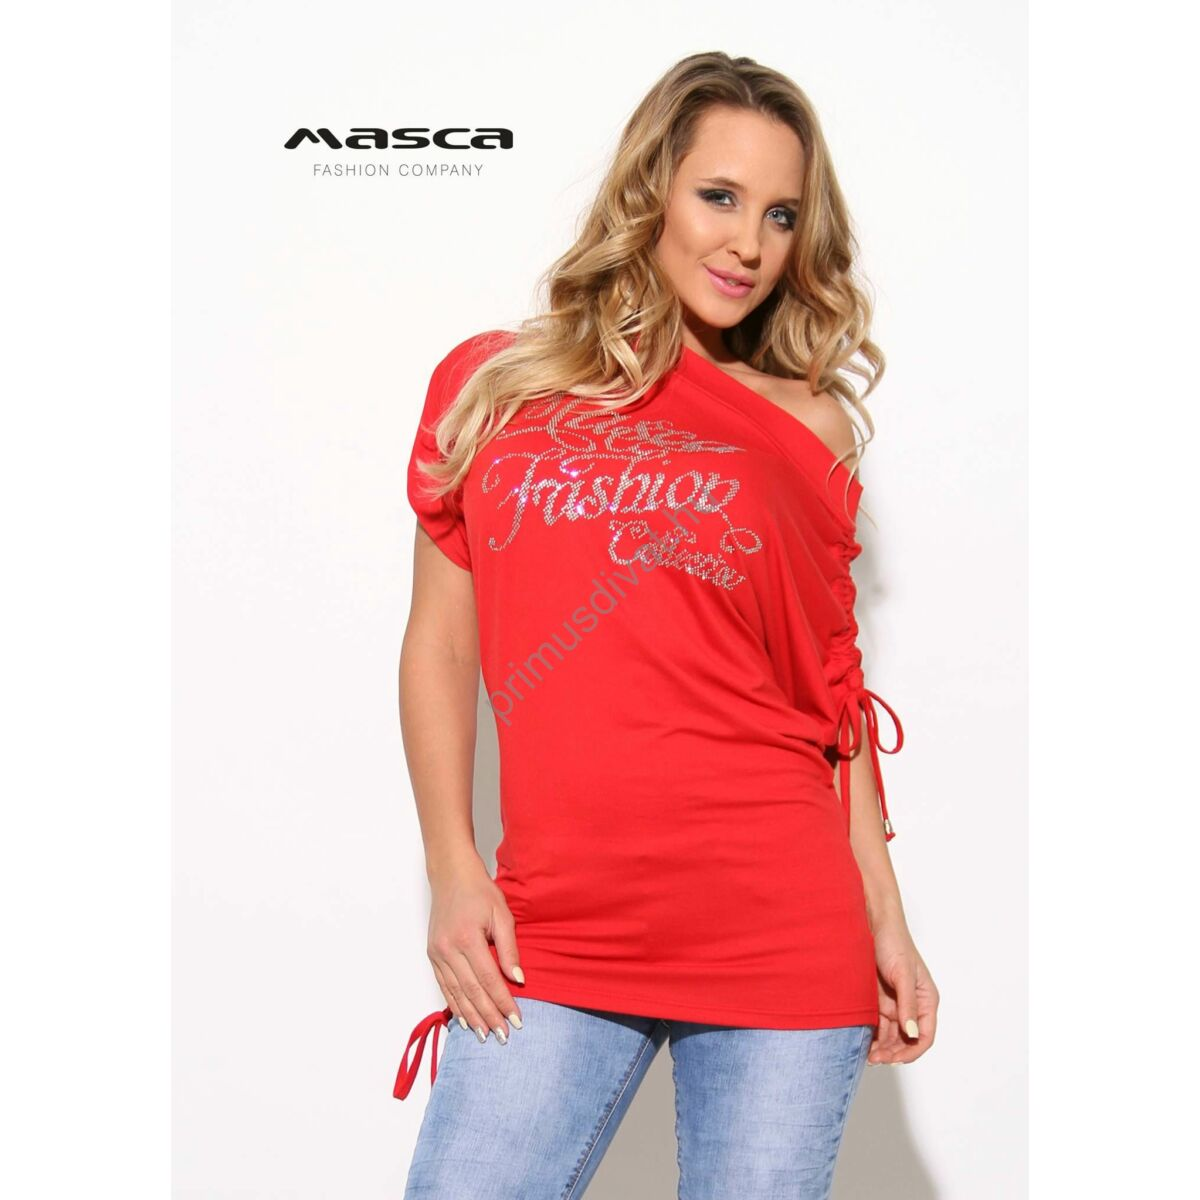 0dd6318d12 Kép 1/1 - Masca Fashion behúzott kötővel ráncolható rövid ujjú, csónaknyakú  lezser piros felső, ezüst strasszköves márkafelirattal